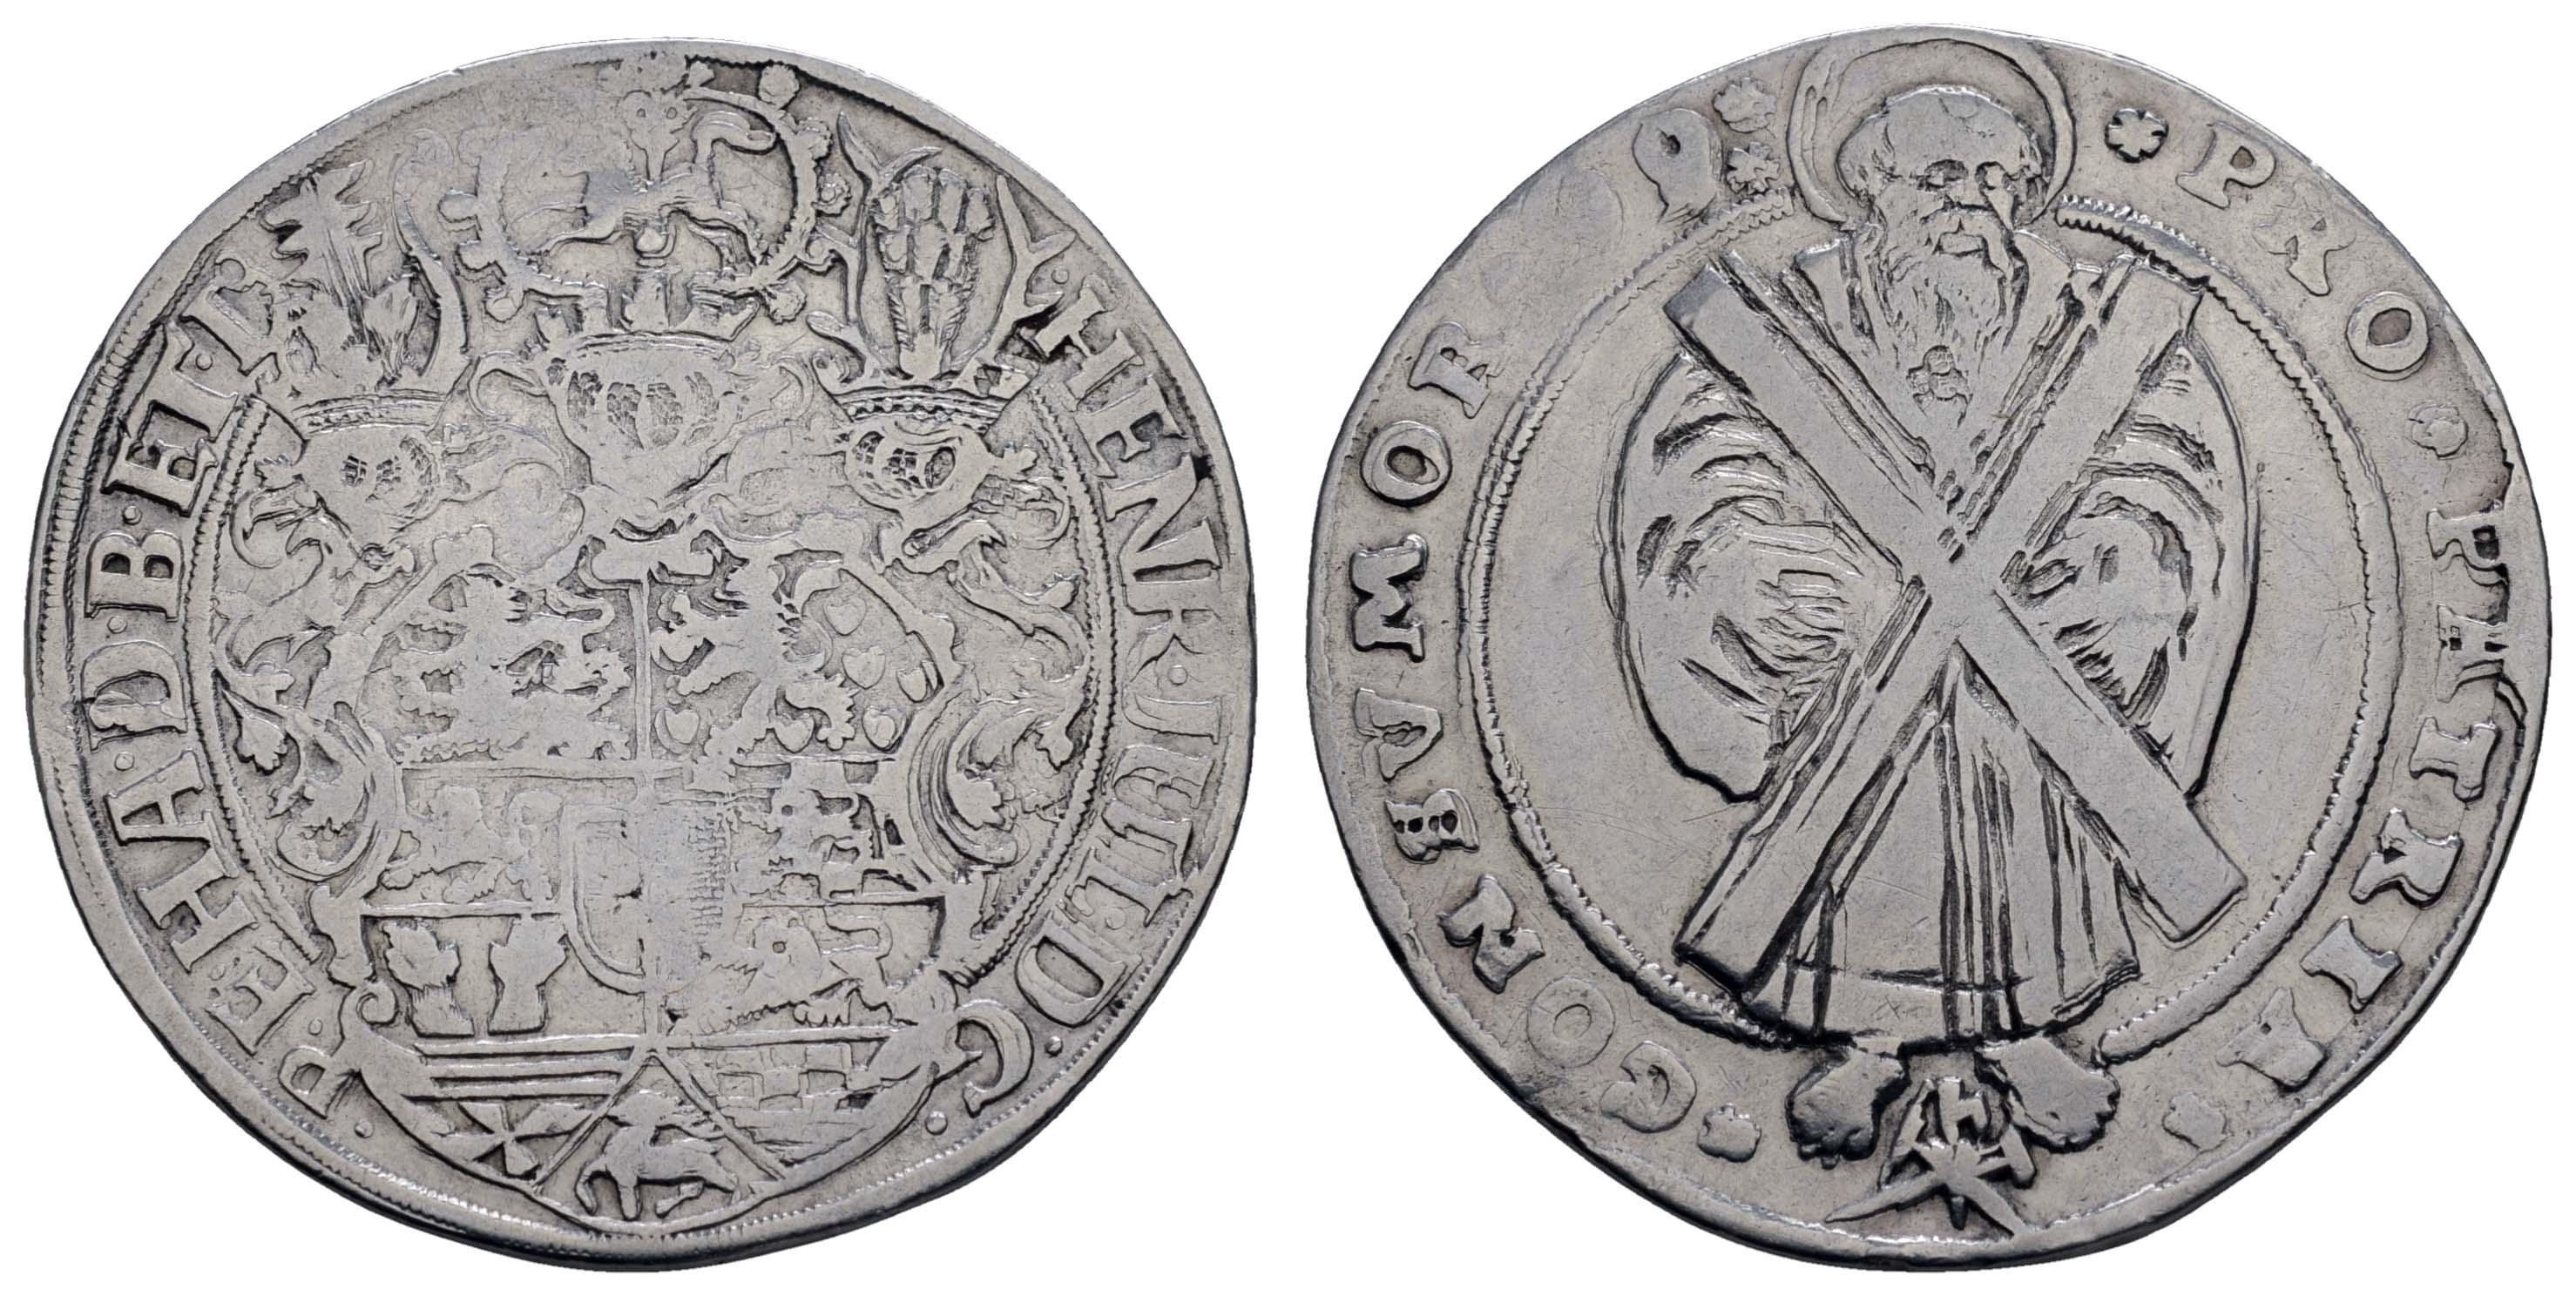 Lot 9123 - sammlungen Deutschland Allgemein -  Auktionshaus Ulrich Felzmann GmbH & Co. KG Coins single lots